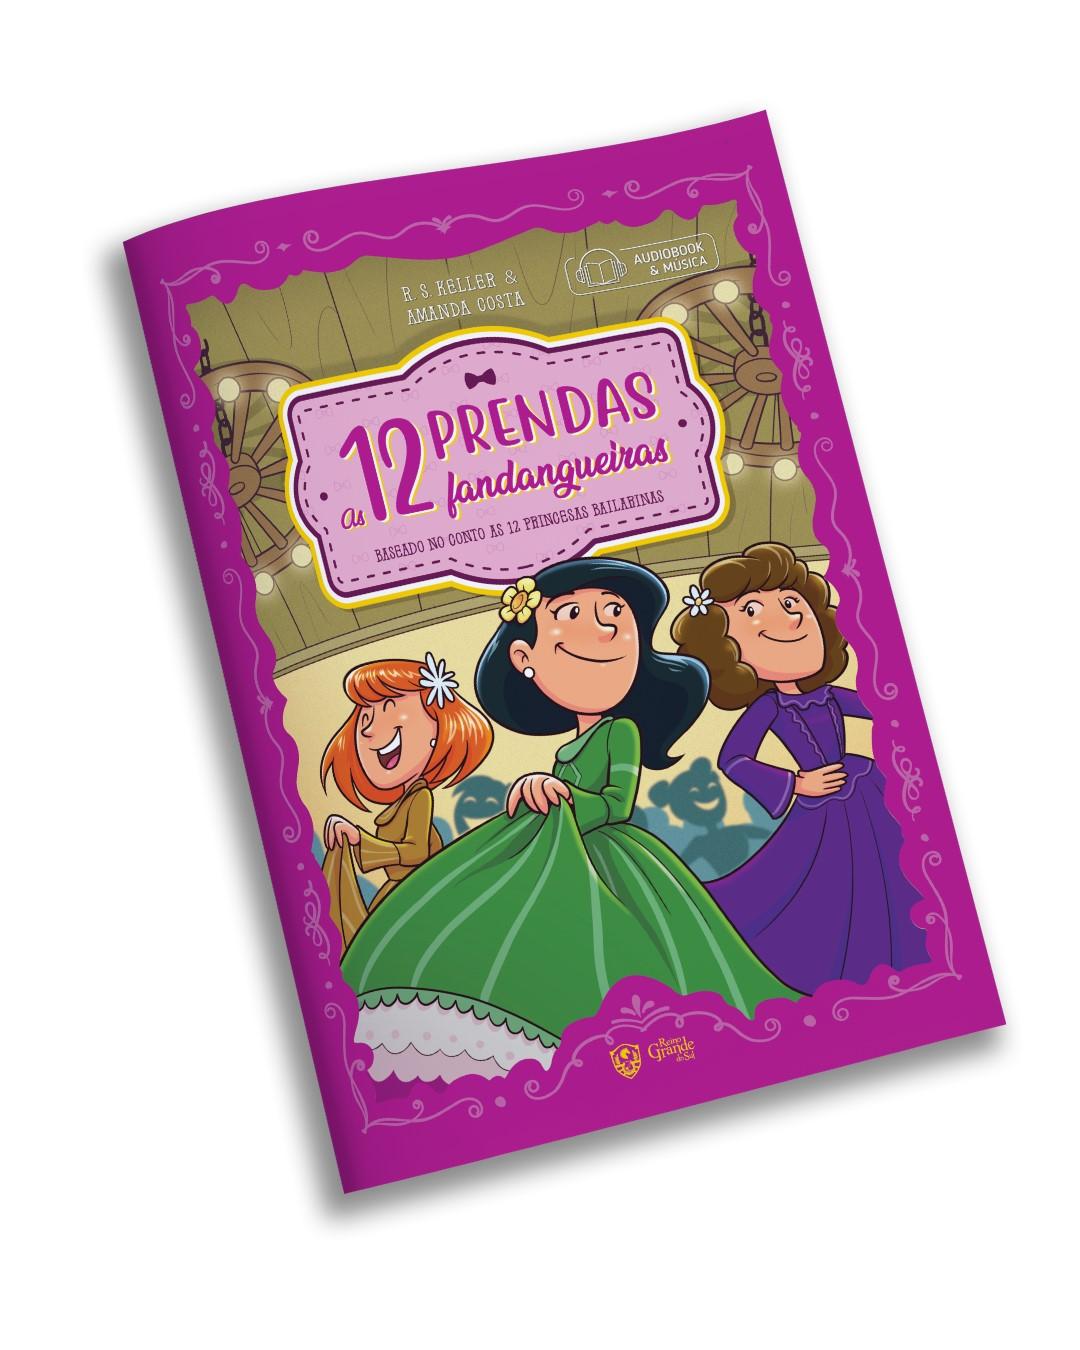 AS 12 PRENDAS FANDANGUEIRAS